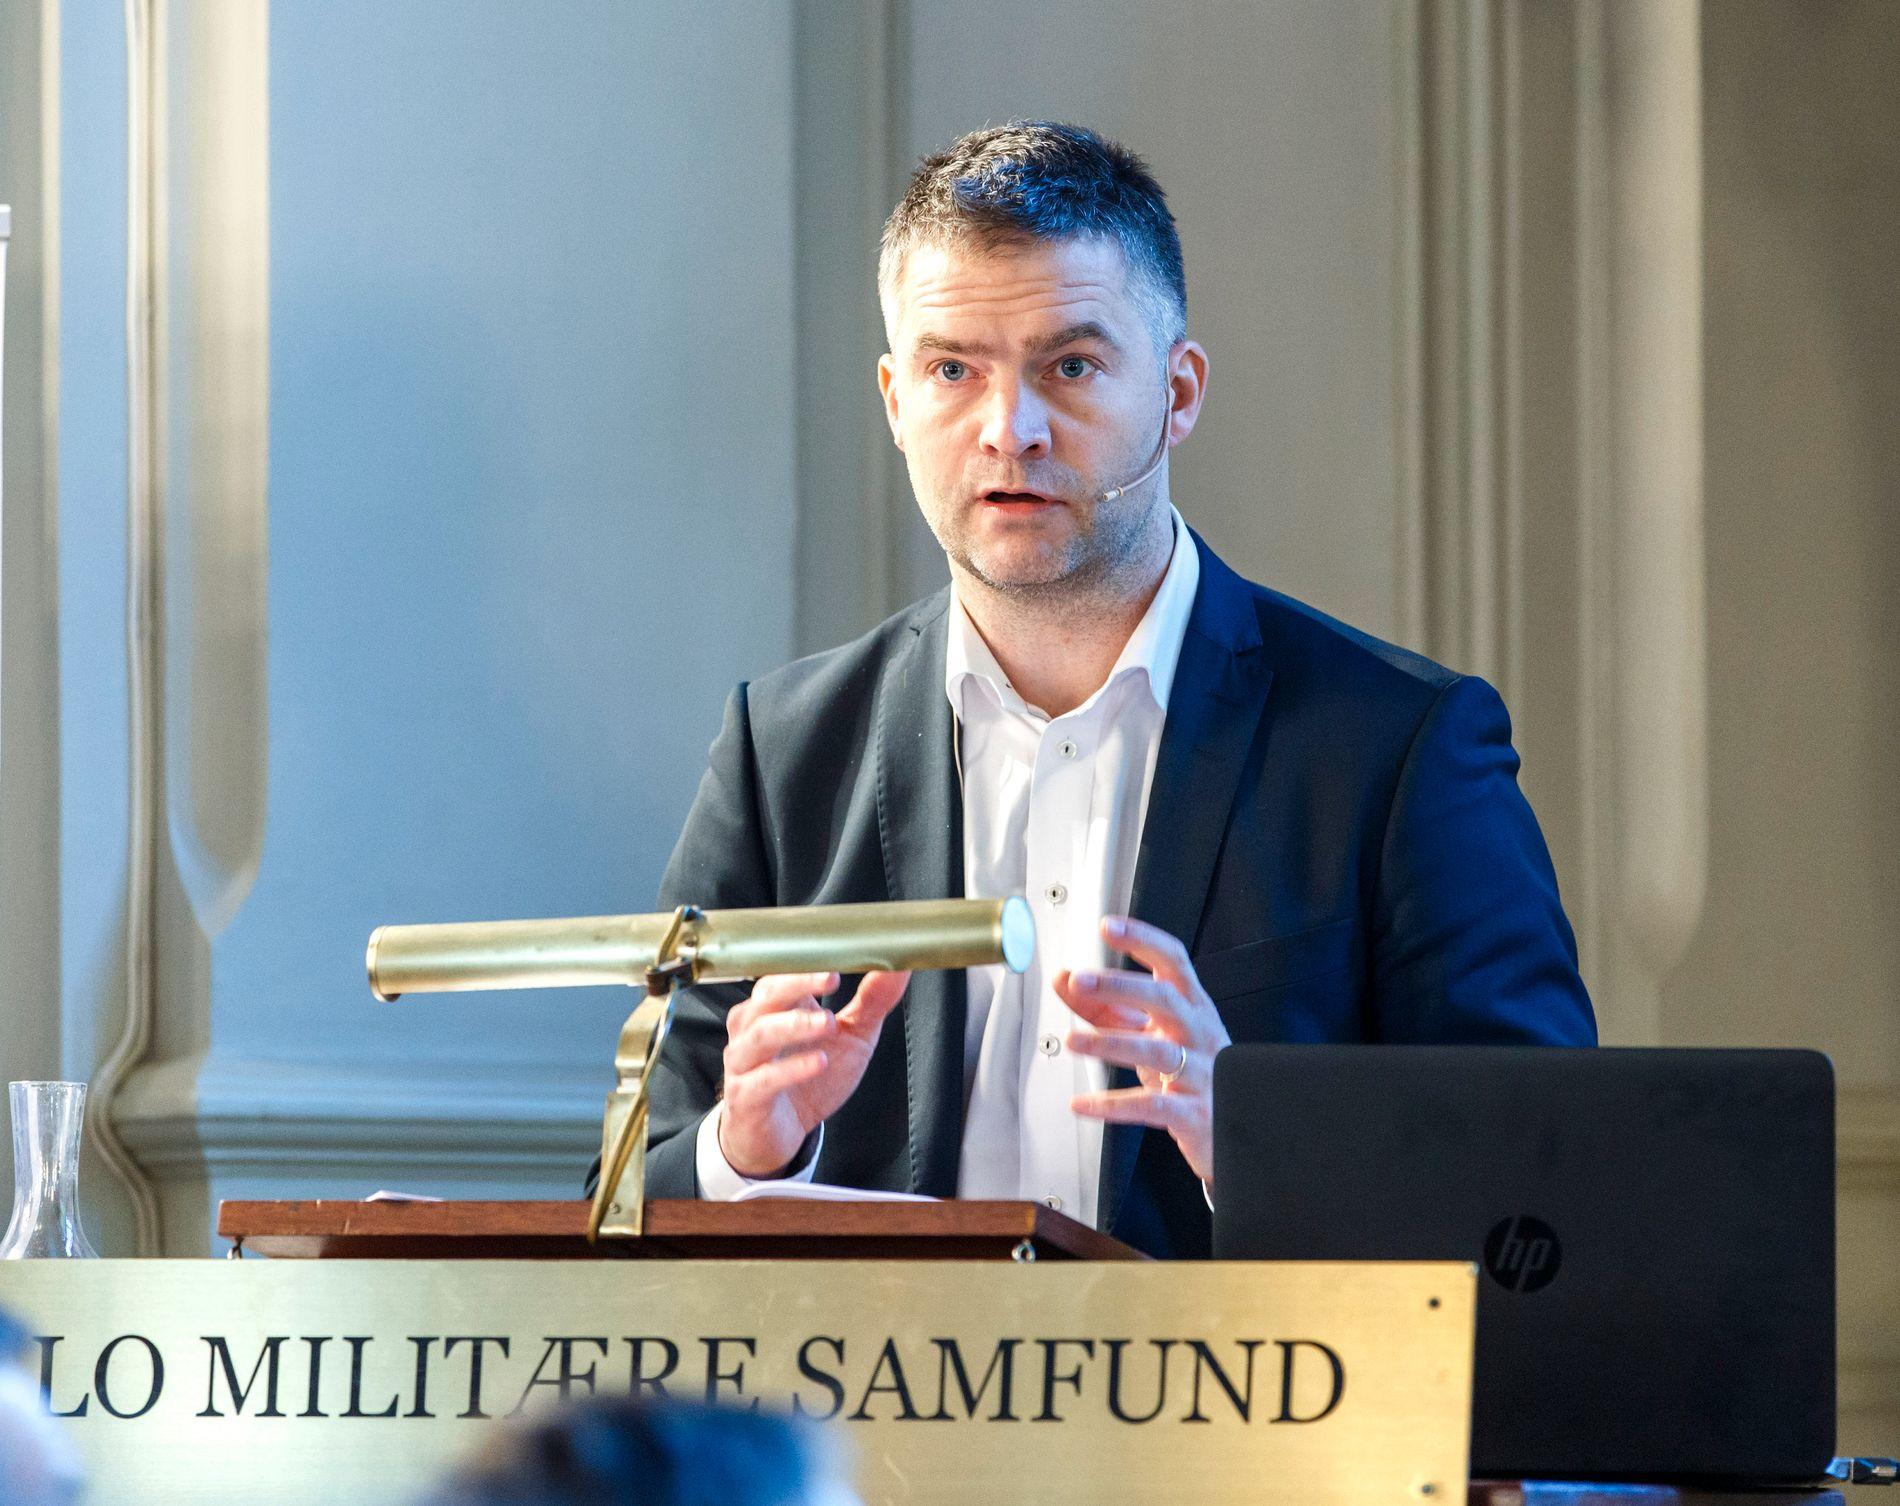 FORSKER: Petter Nesser har forsket på fremveksten av islamistiske terrornettverk i Europa.